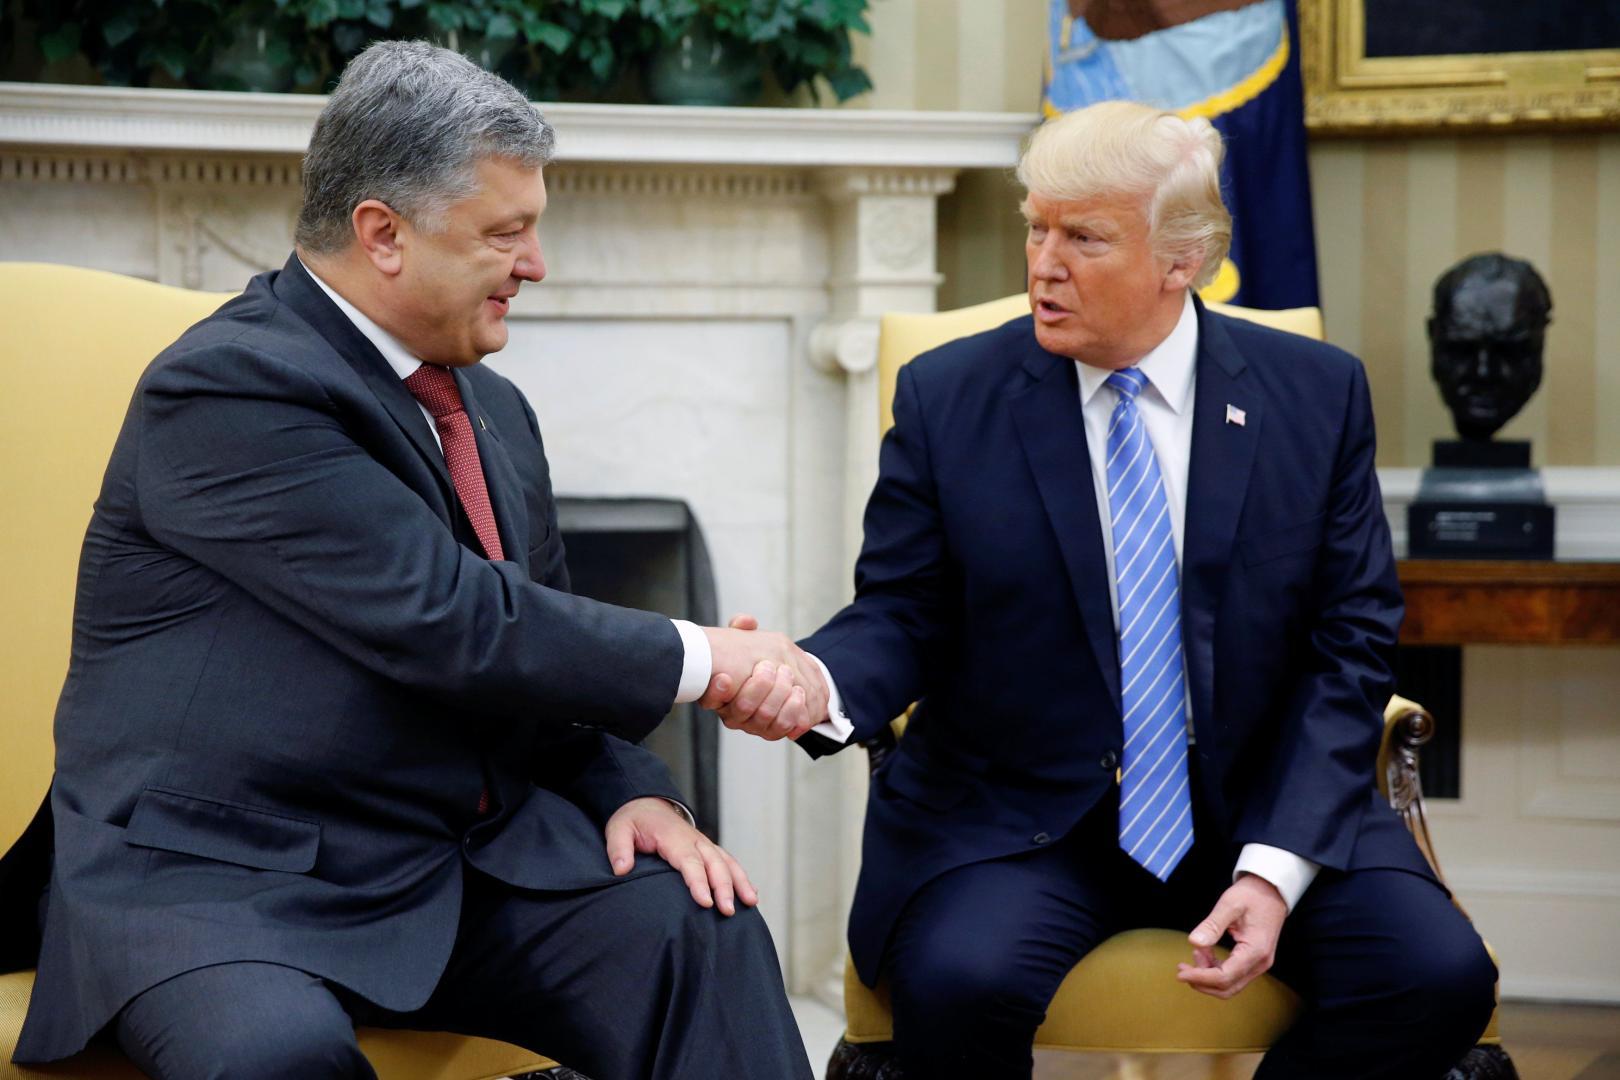 Președintele Ucrainei, Petro Poreșenko a avut o întrevedere cu omologul său american Donald Trump